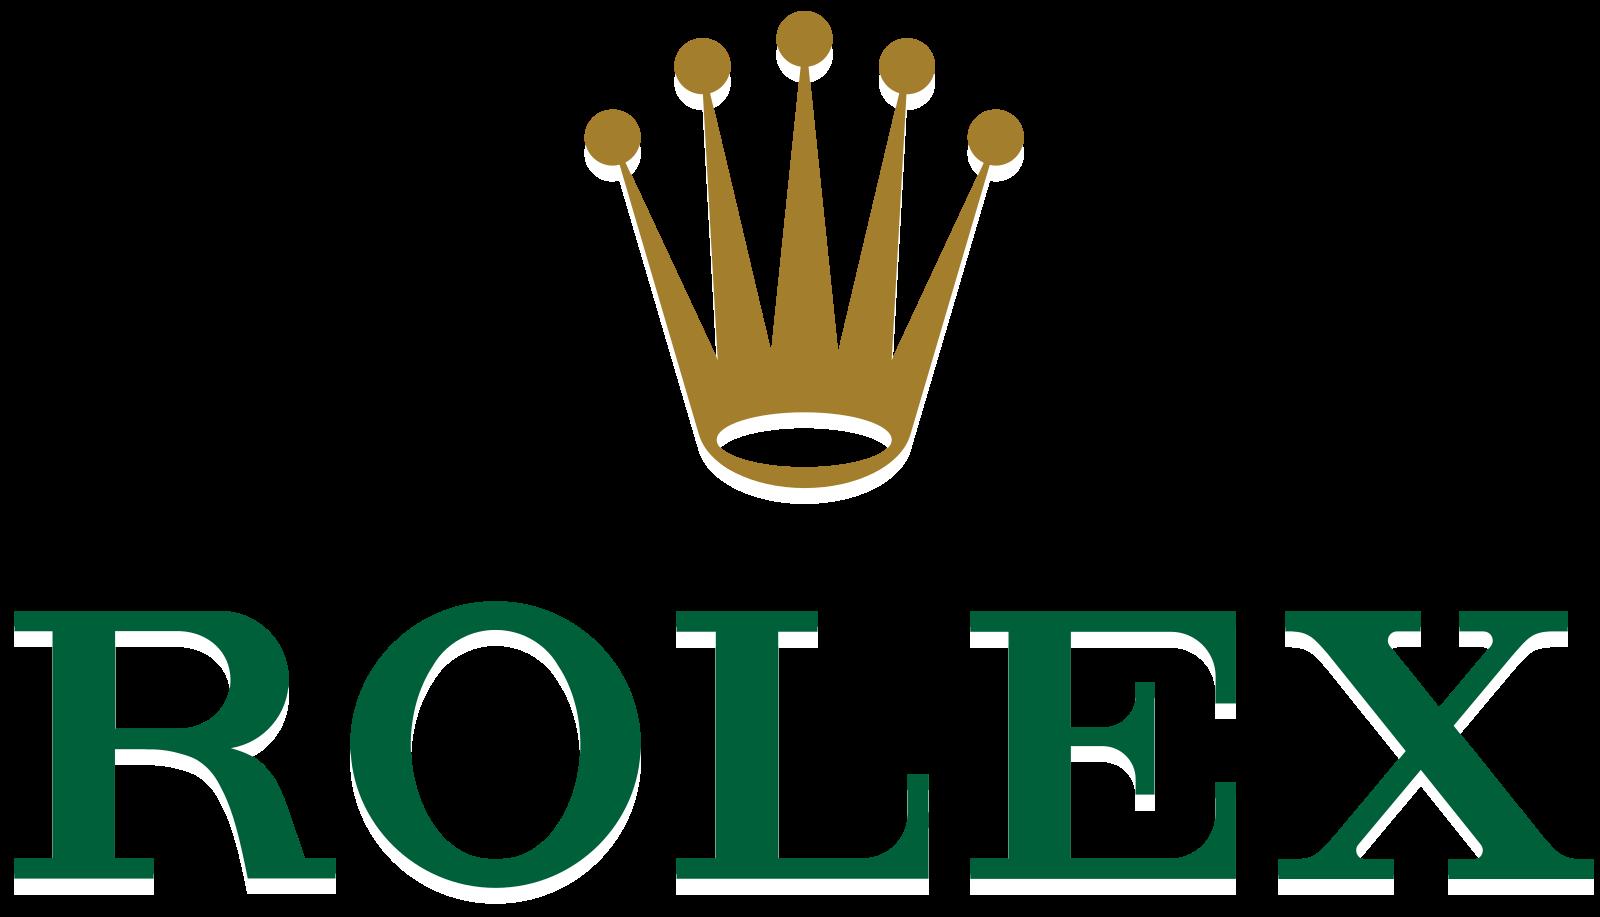 rolex logo 4 - Rolex Logo